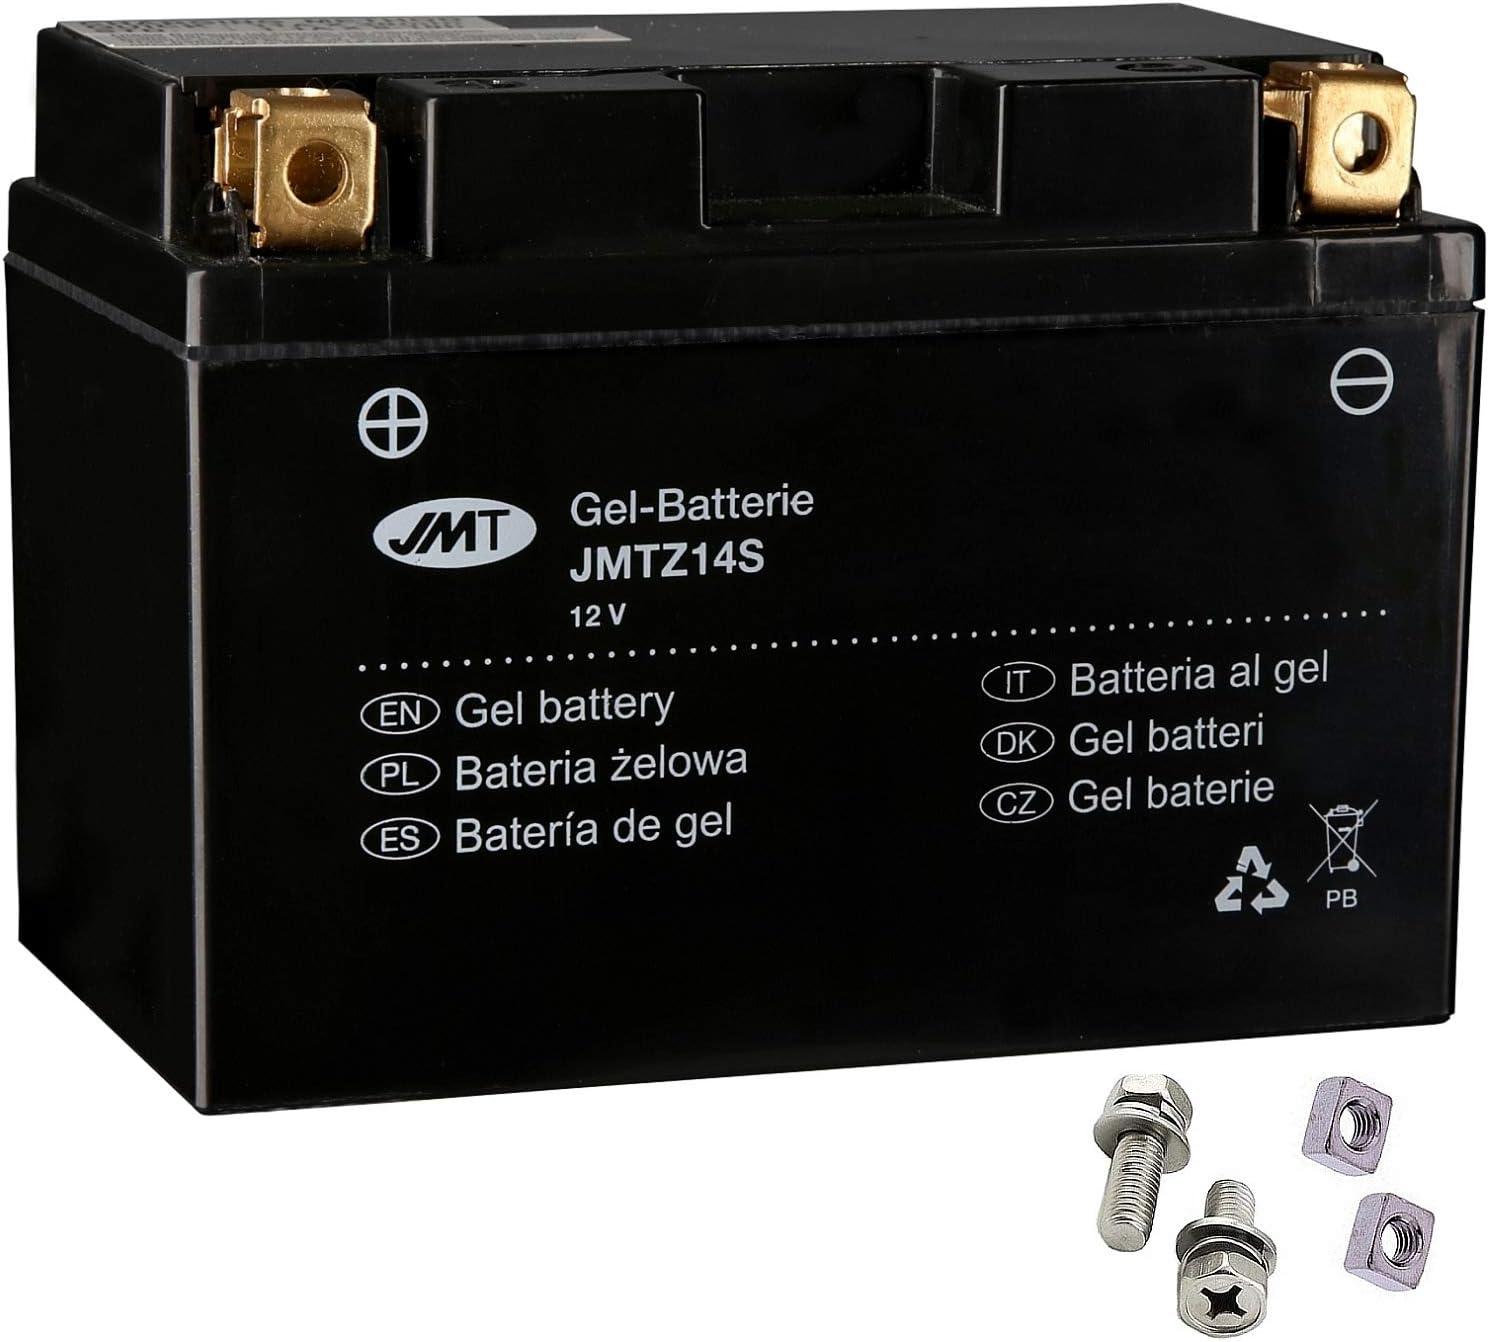 Ytz14s Gel Batterie Für Super Adventure 1290 T Abs Baujahr 2017 Von Jmt Auto